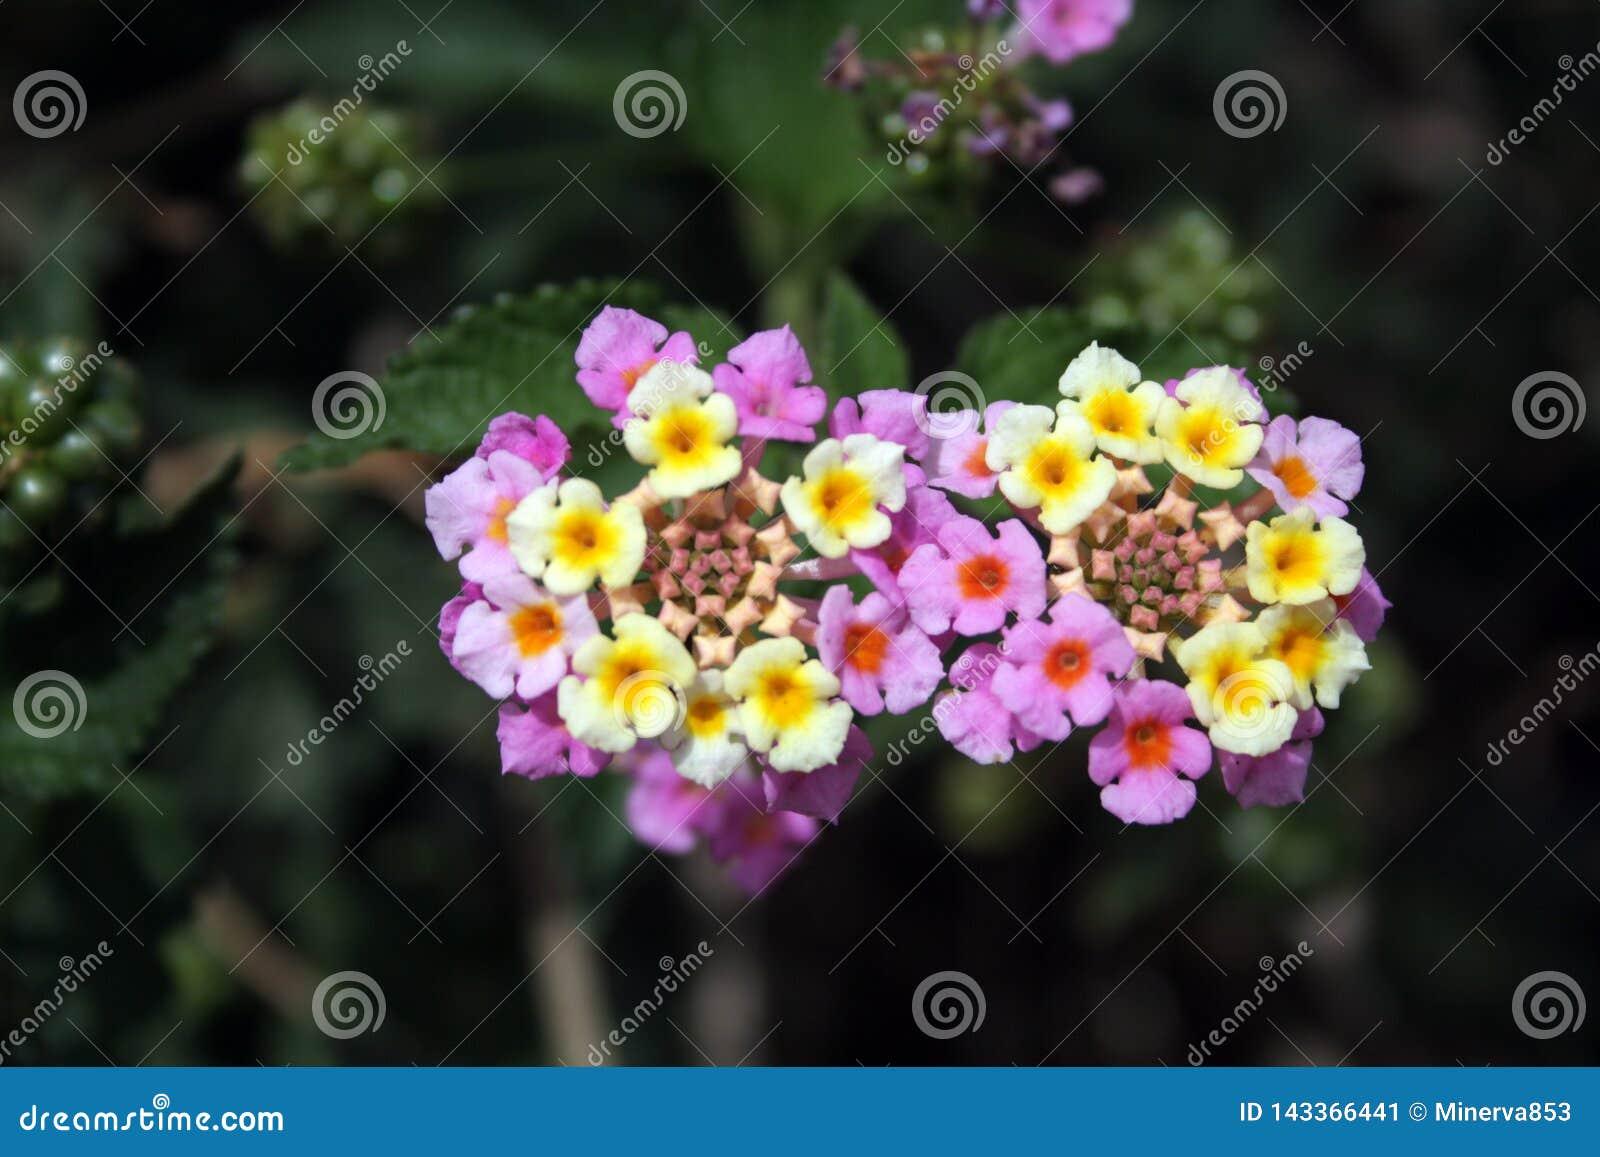 马樱丹属camara -与黄斑的两朵明亮的浅粉红色的花在深绿背景的中心